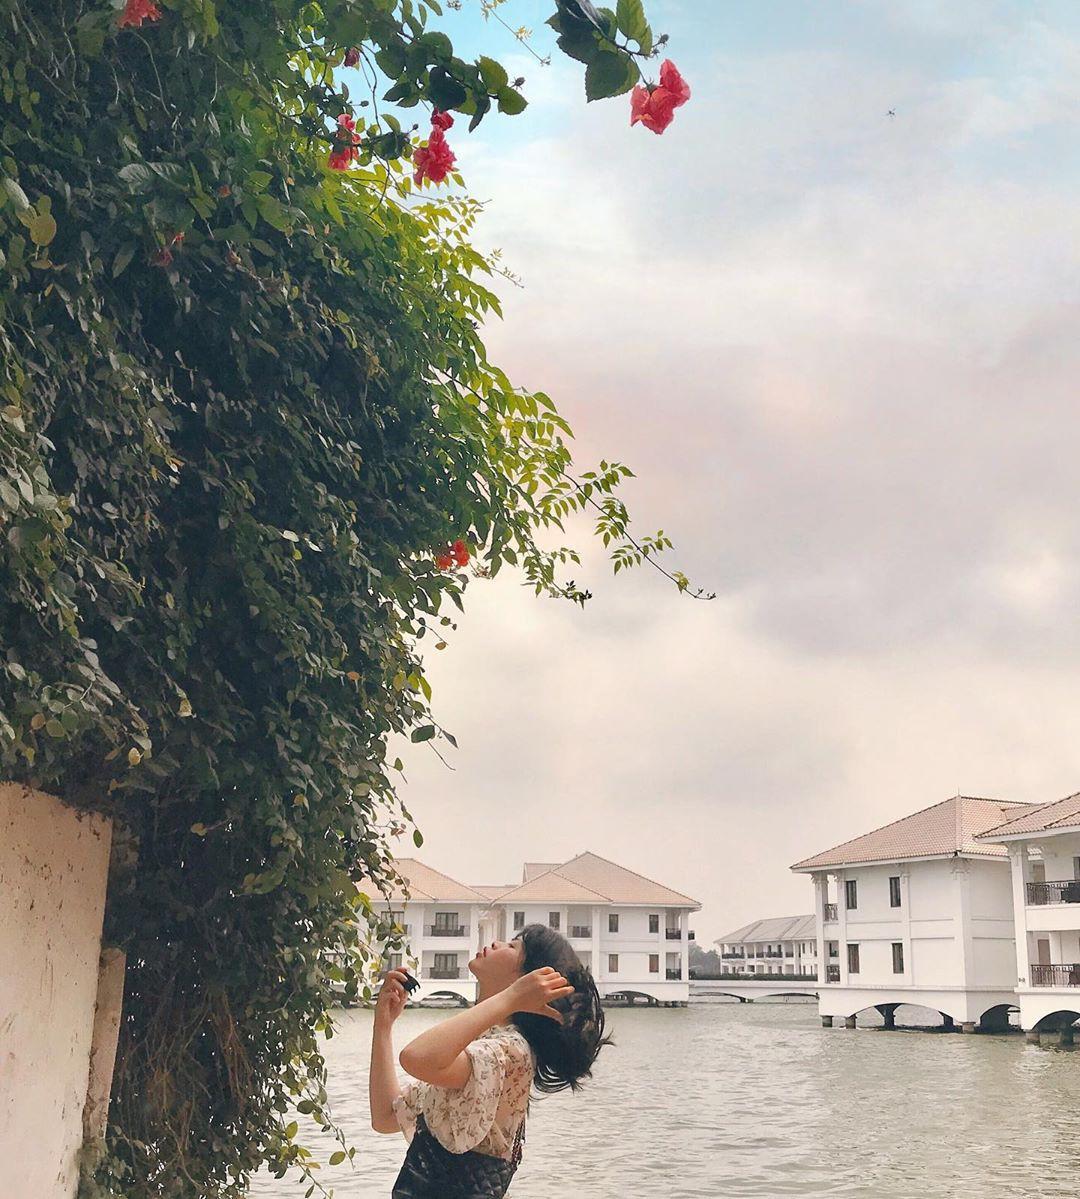 Định vị ngay tọa độ con hẻm nhìn ra hồ Tây cực thơ mộng làm giới trẻ Hà Nội đứng ngồi không yên mấy ngày nay - Ảnh 10.